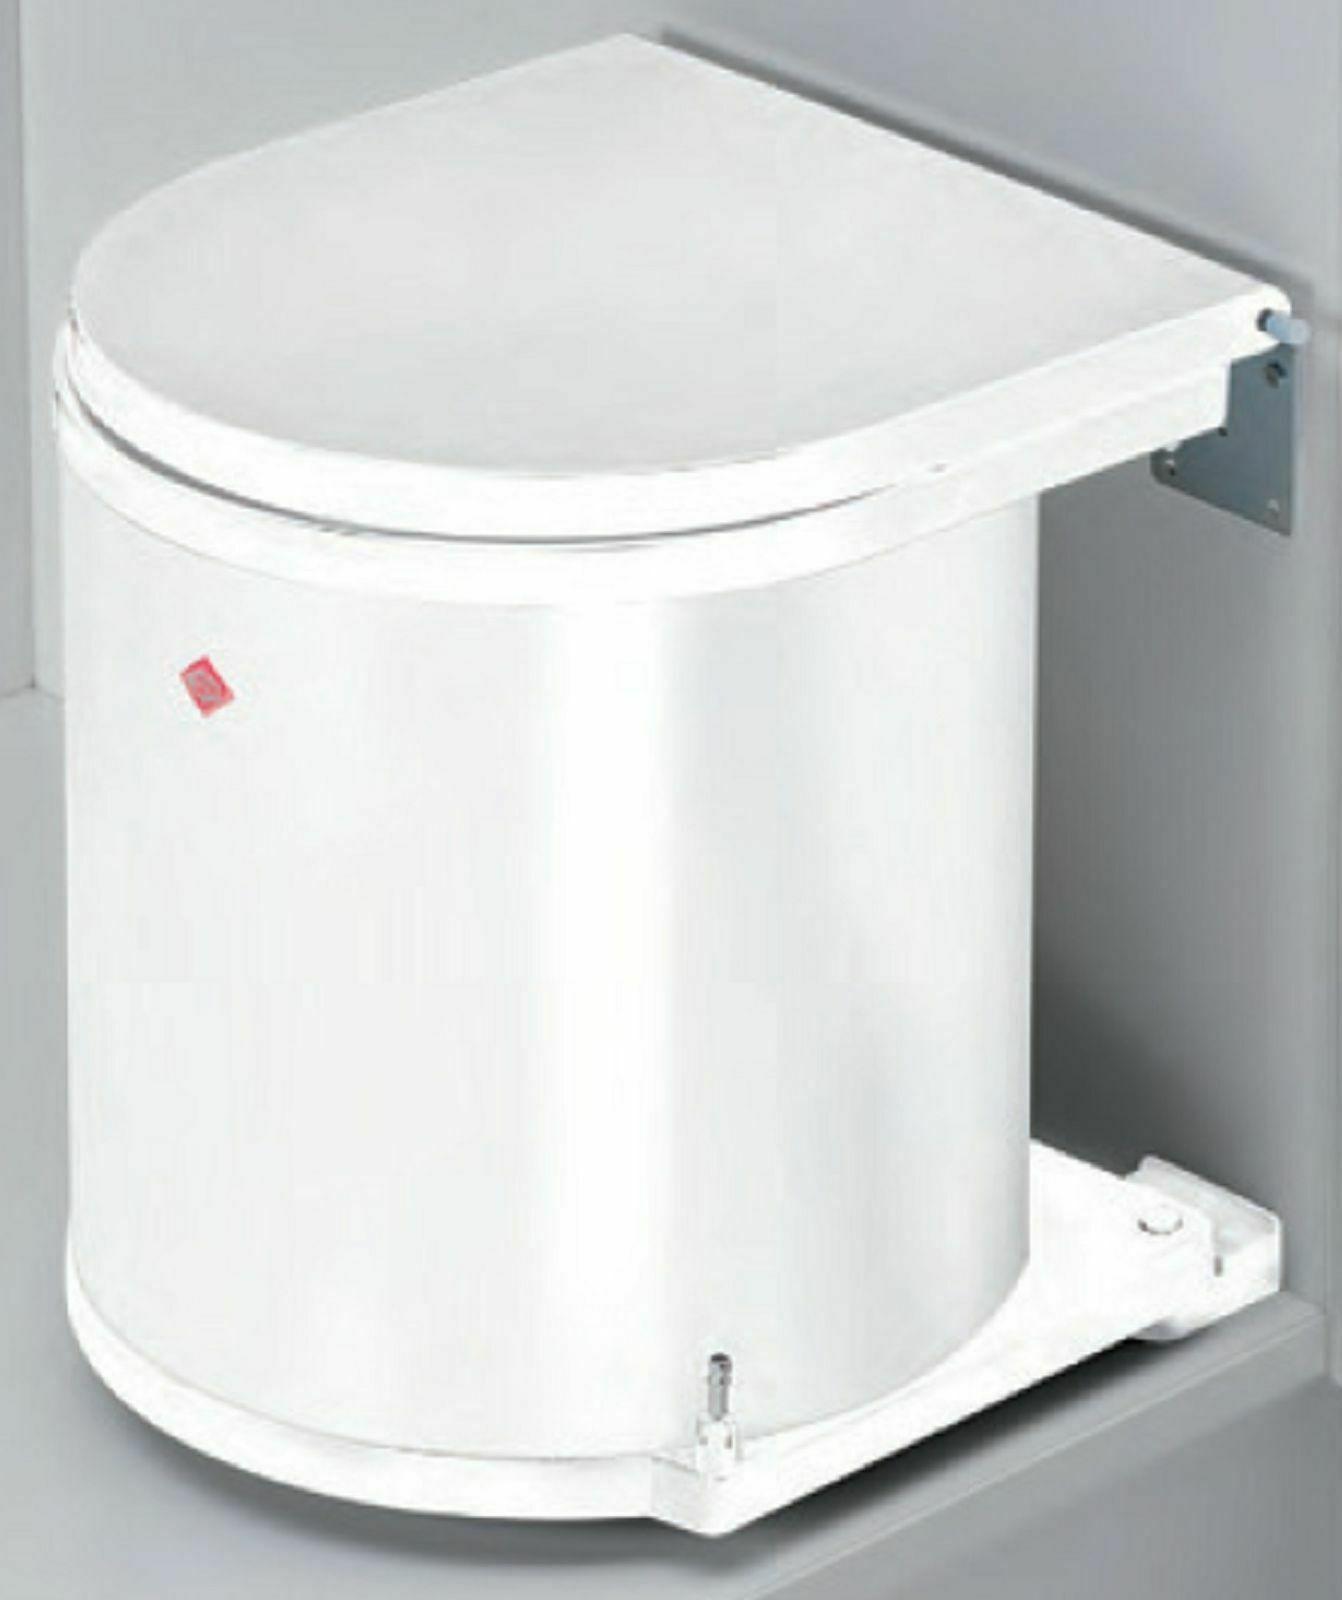 Küchen Mülleimer Wesco Single Abfalleimer 1x11 Liter Einbau Schranktür  *40053 - yatego.com